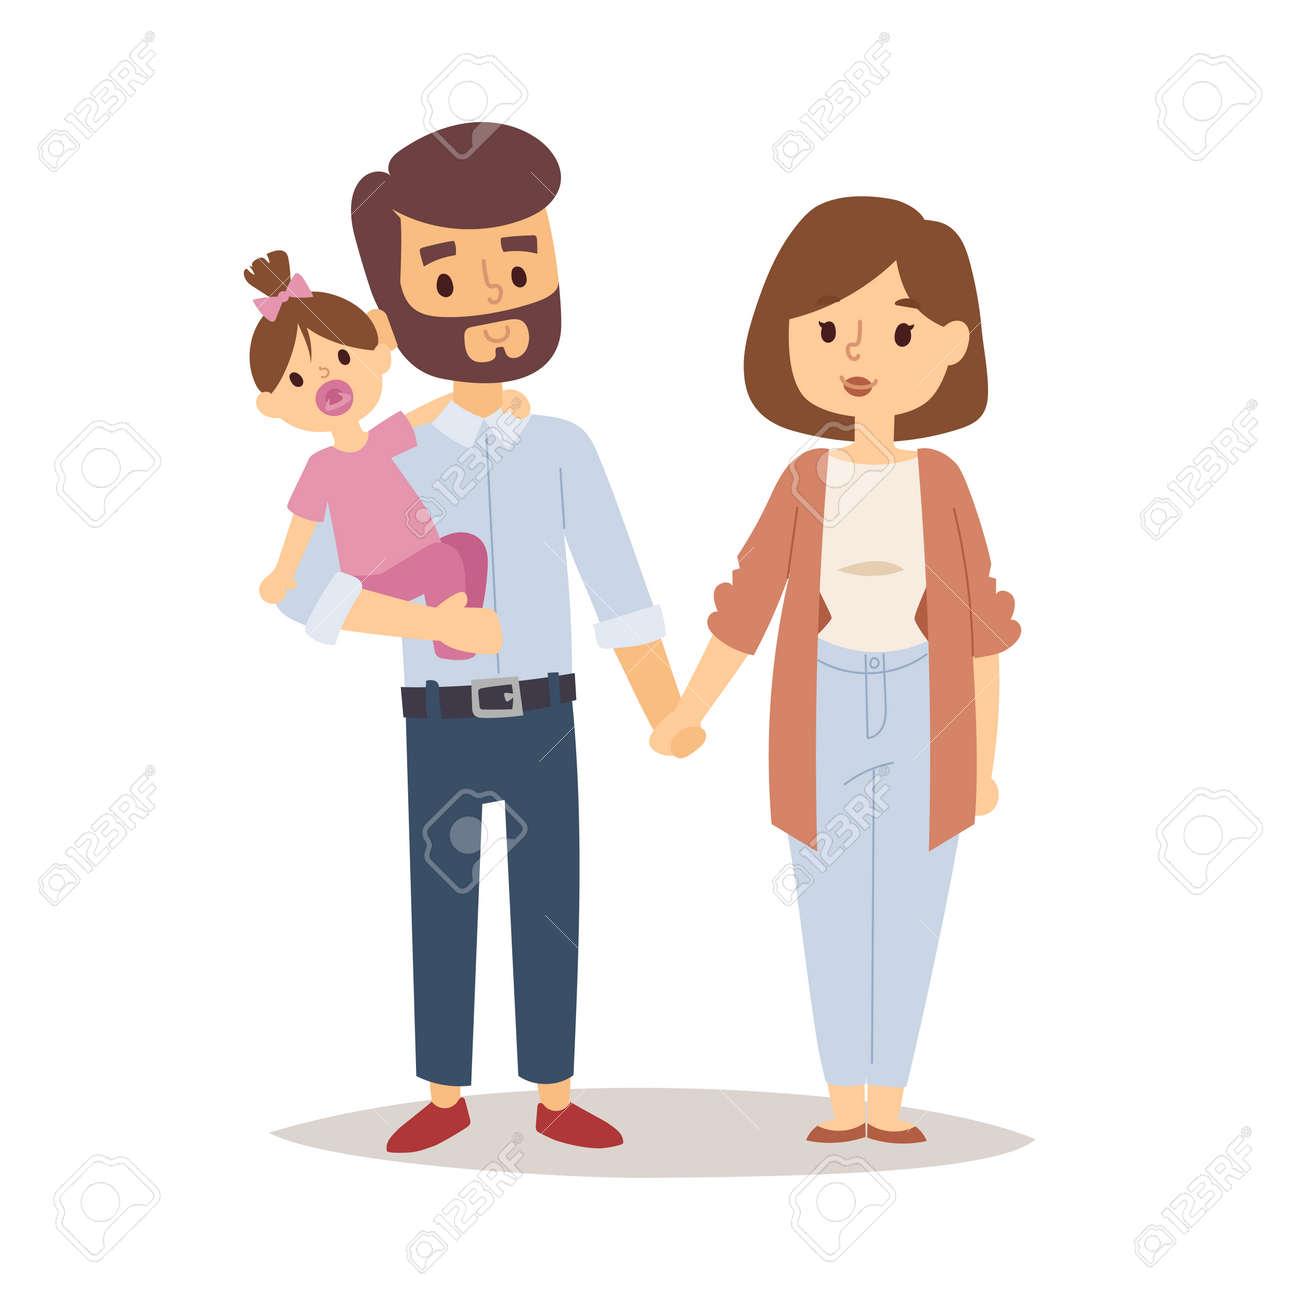 Familia Feliz Pareja Dibujos Animados Relación Personajes Estilo De